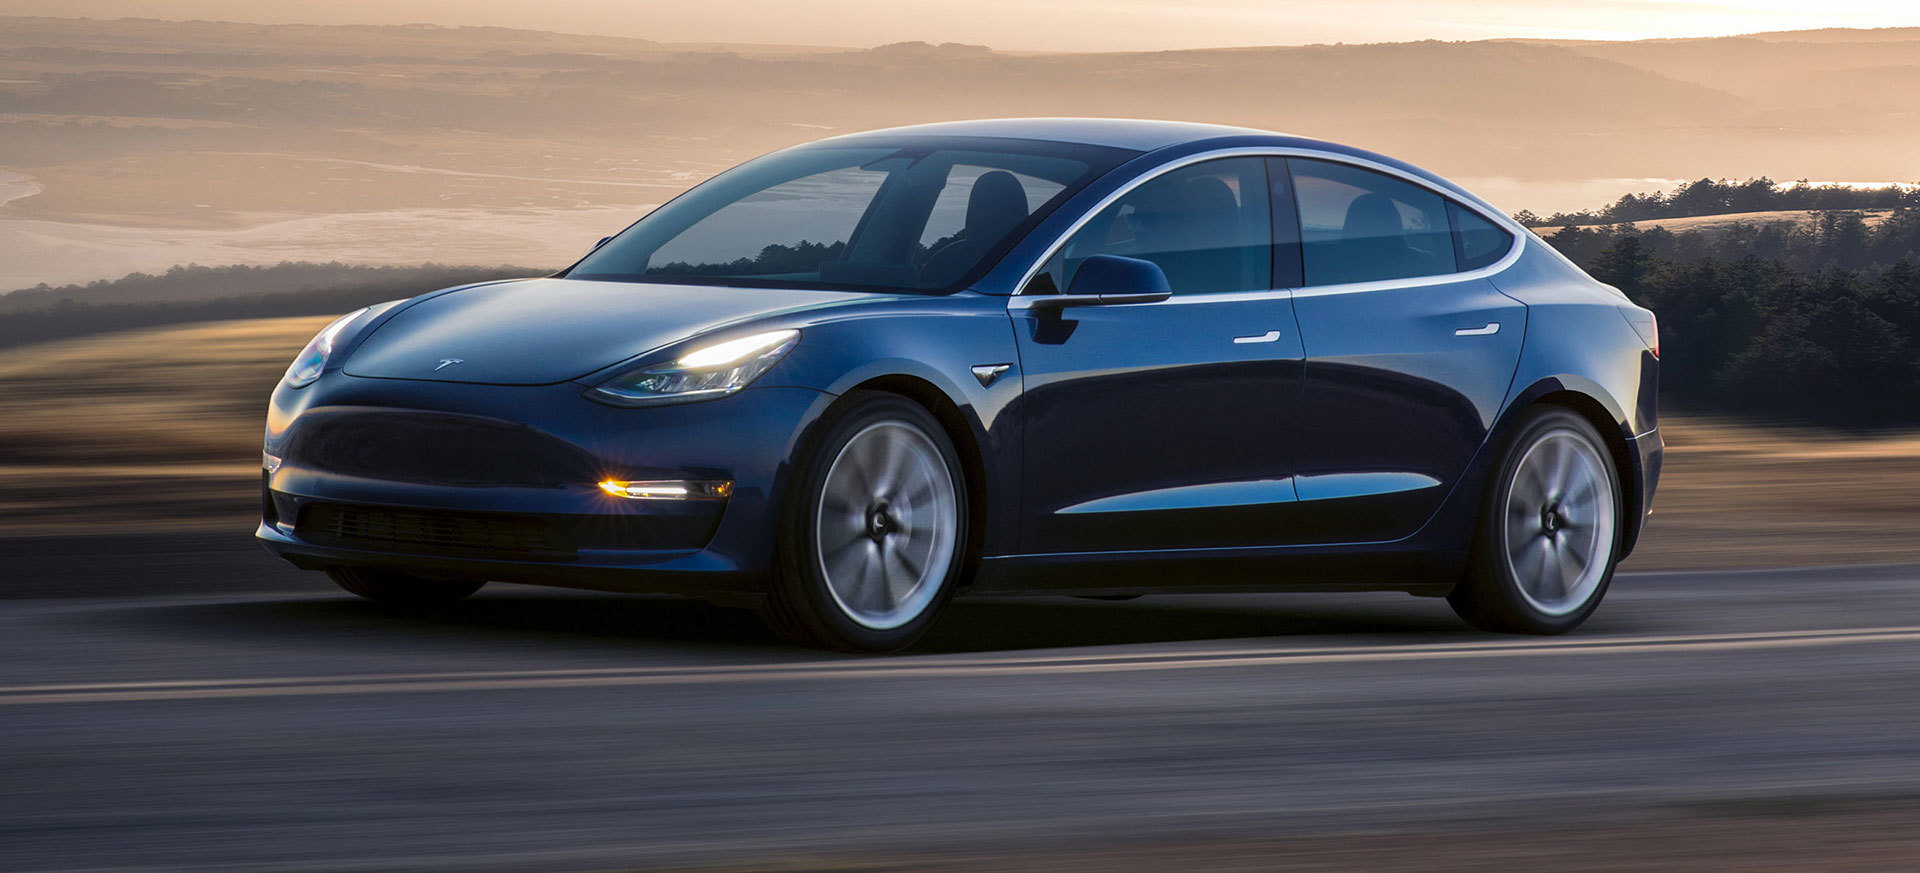 Coches Nuevos 2019 Tesla Model 3